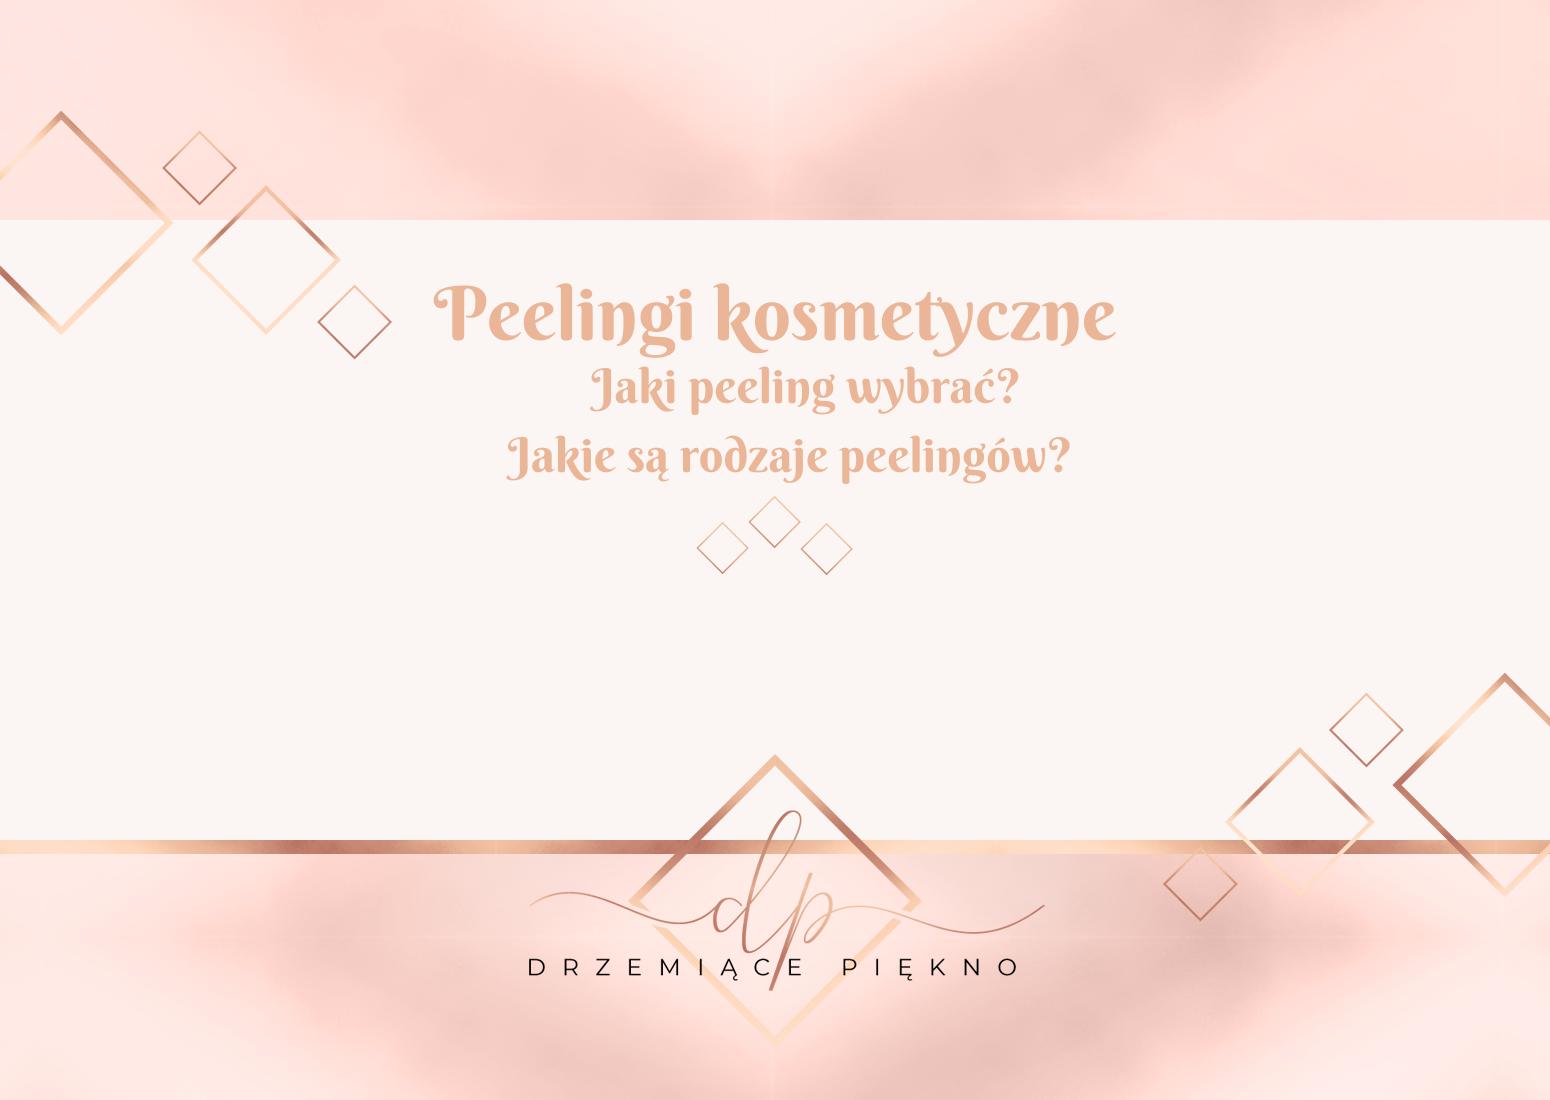 Peeling skóry, jakie są rodzaje peelingów kosmetycznych? Który peeling wybrać?